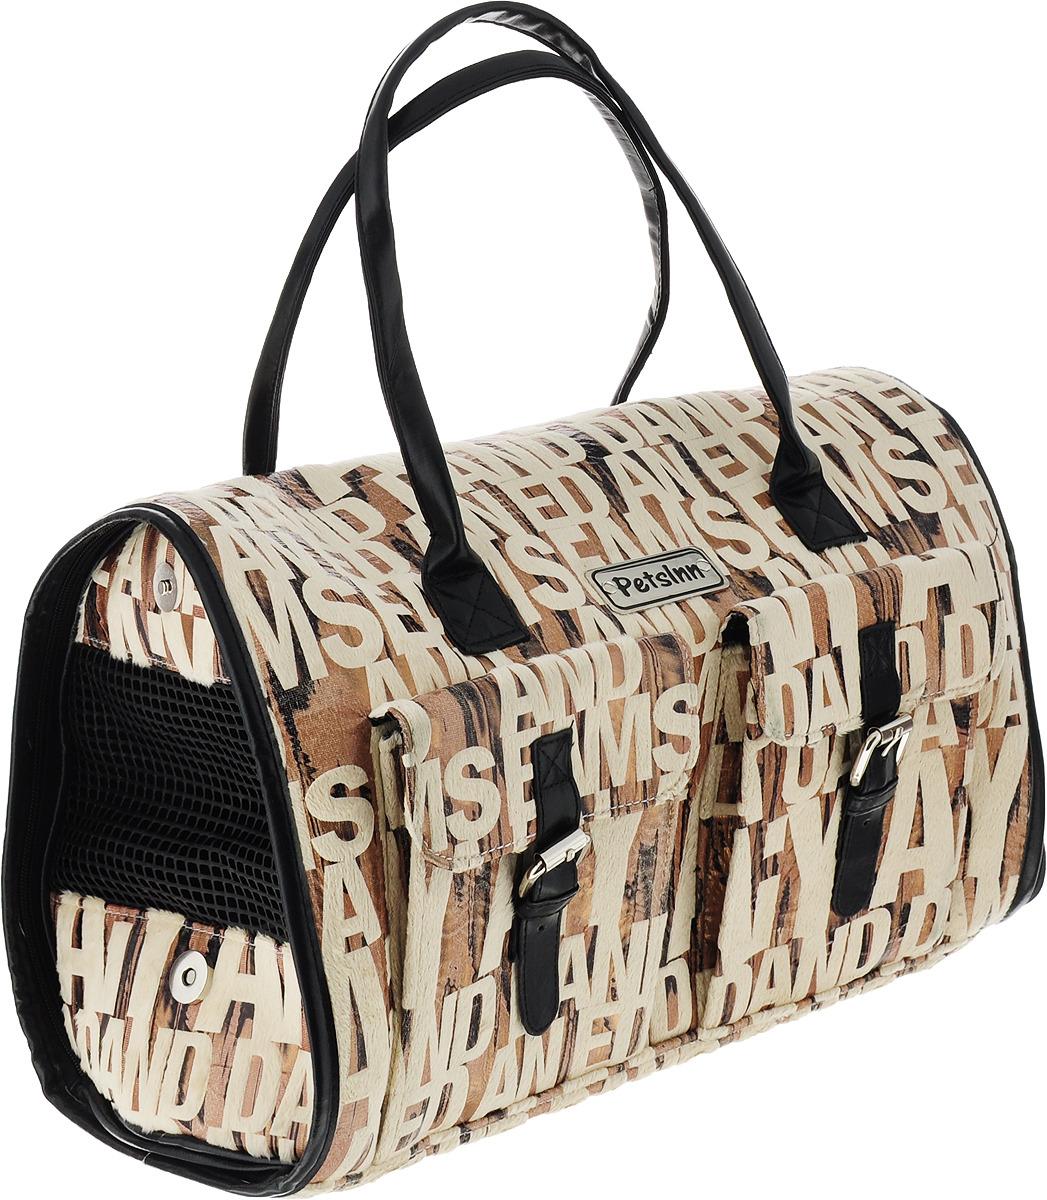 Сумка-переноска для животных Pets Inn, замшевая, цвет: леопард/буквы сумка переноска для животных pets inn цвет черный